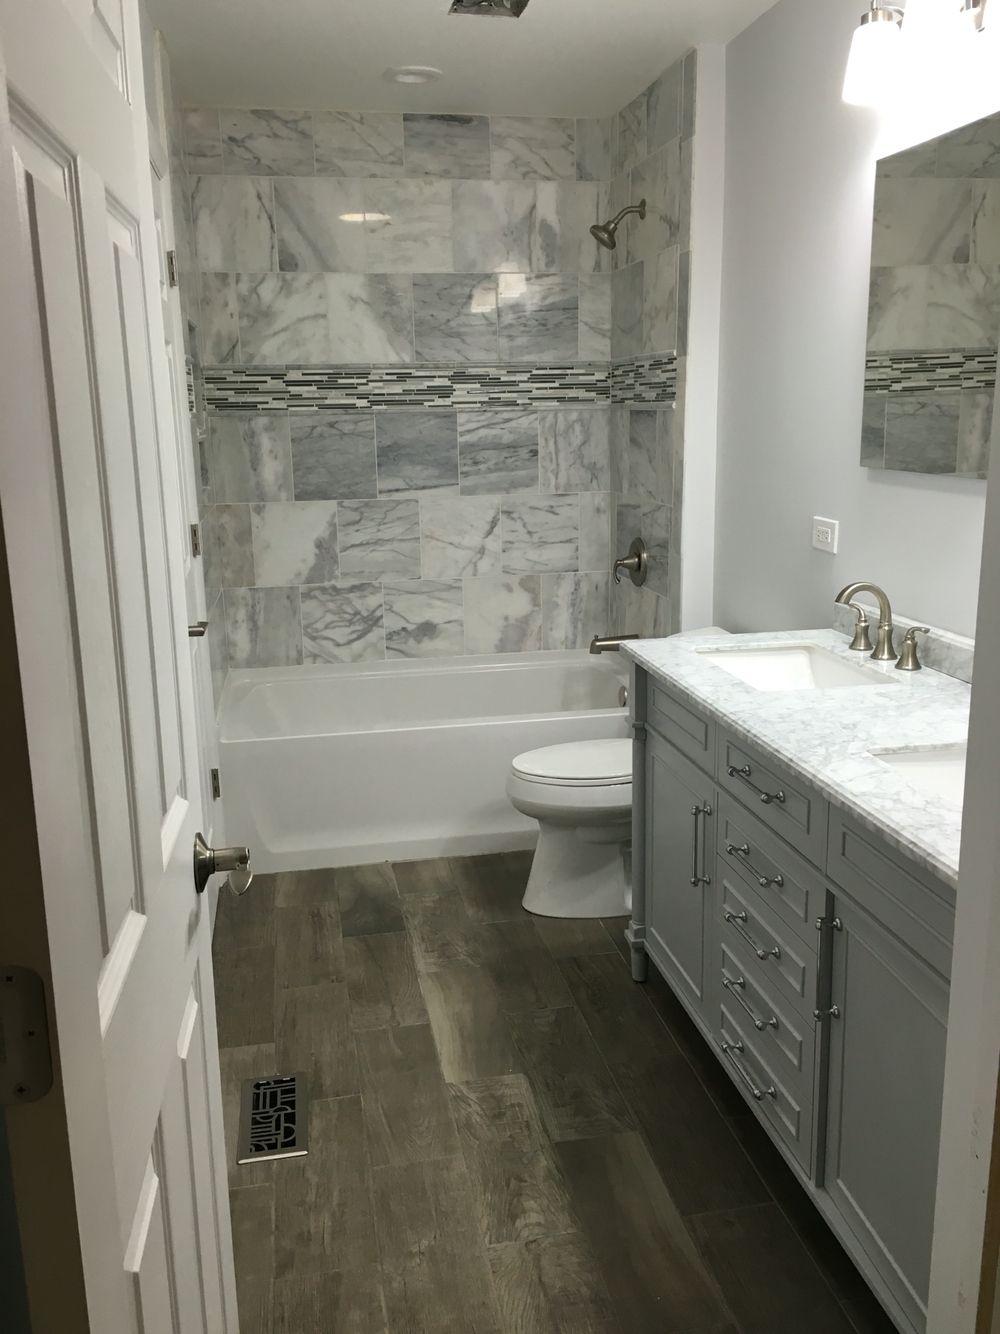 Bathroom Remodel  bath works  Small full bathroom